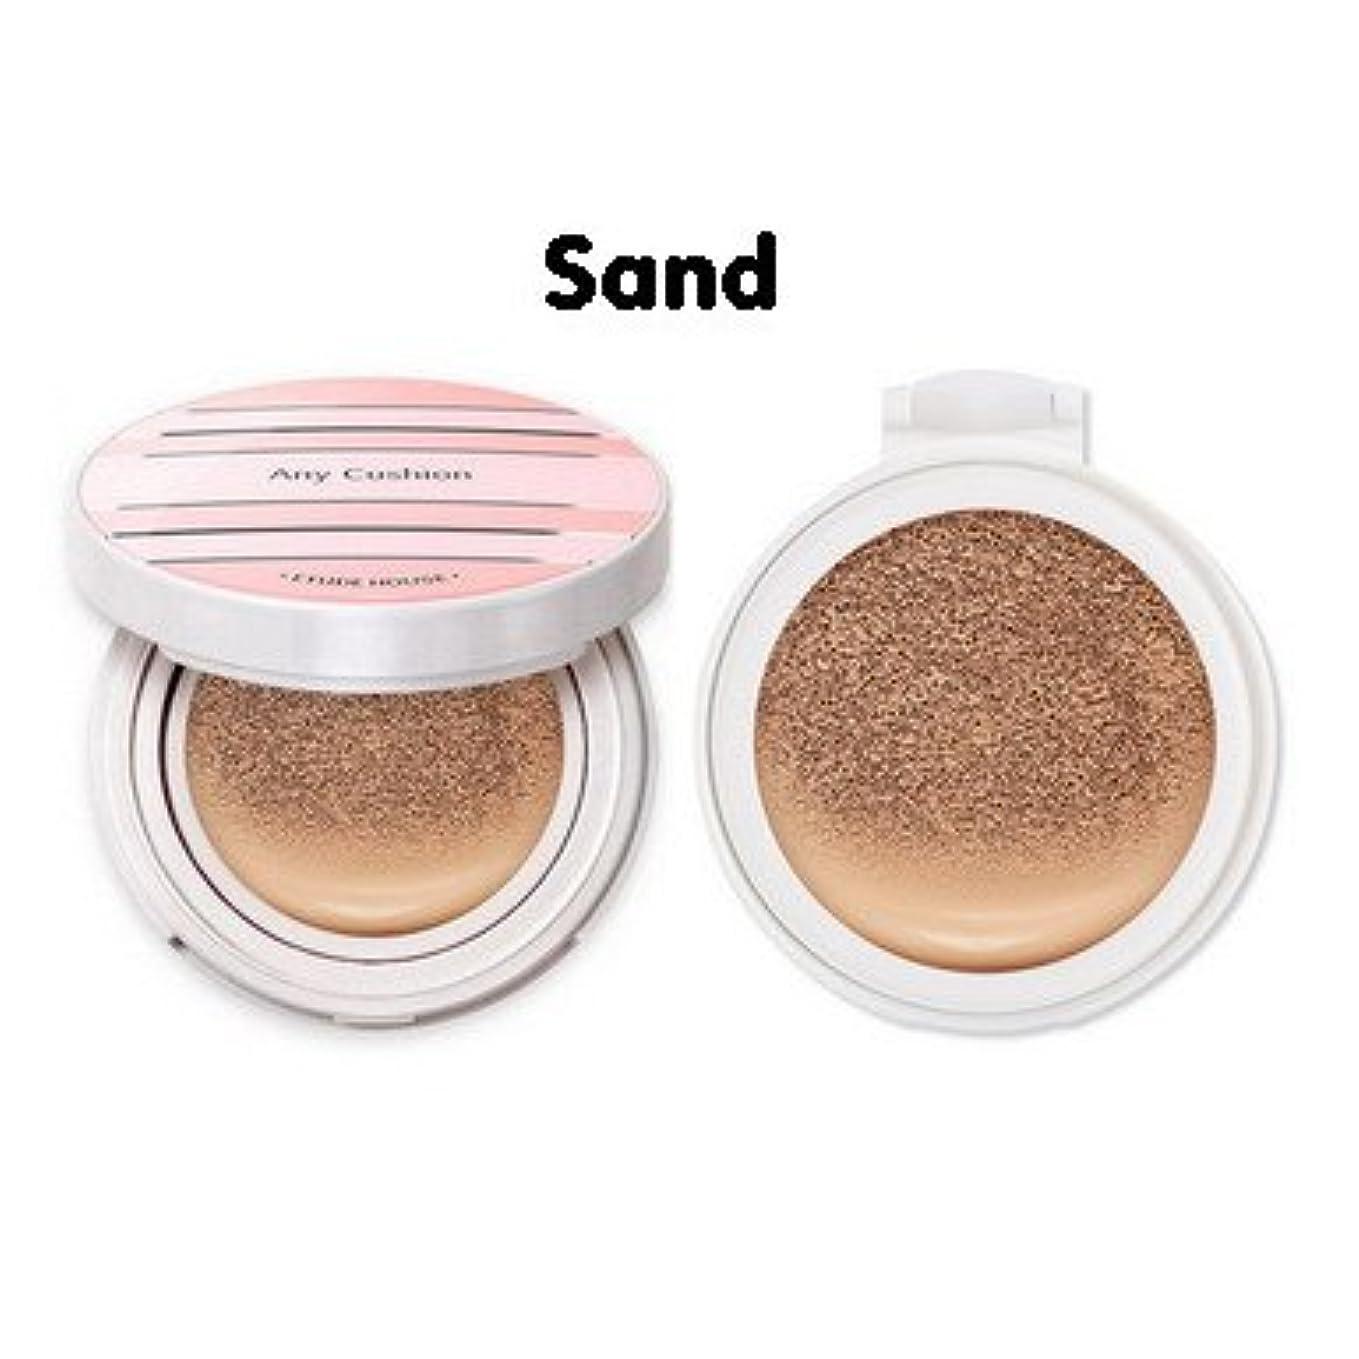 治安判事予想外あざ【ETUDE HOUSE(エチュードハウス)】エニクッション オールデーパーフェクト15g+15g (本品+リフィル) (SPF50+/ PA+++) (6カラー選択1) (Sand) [並行輸入品]